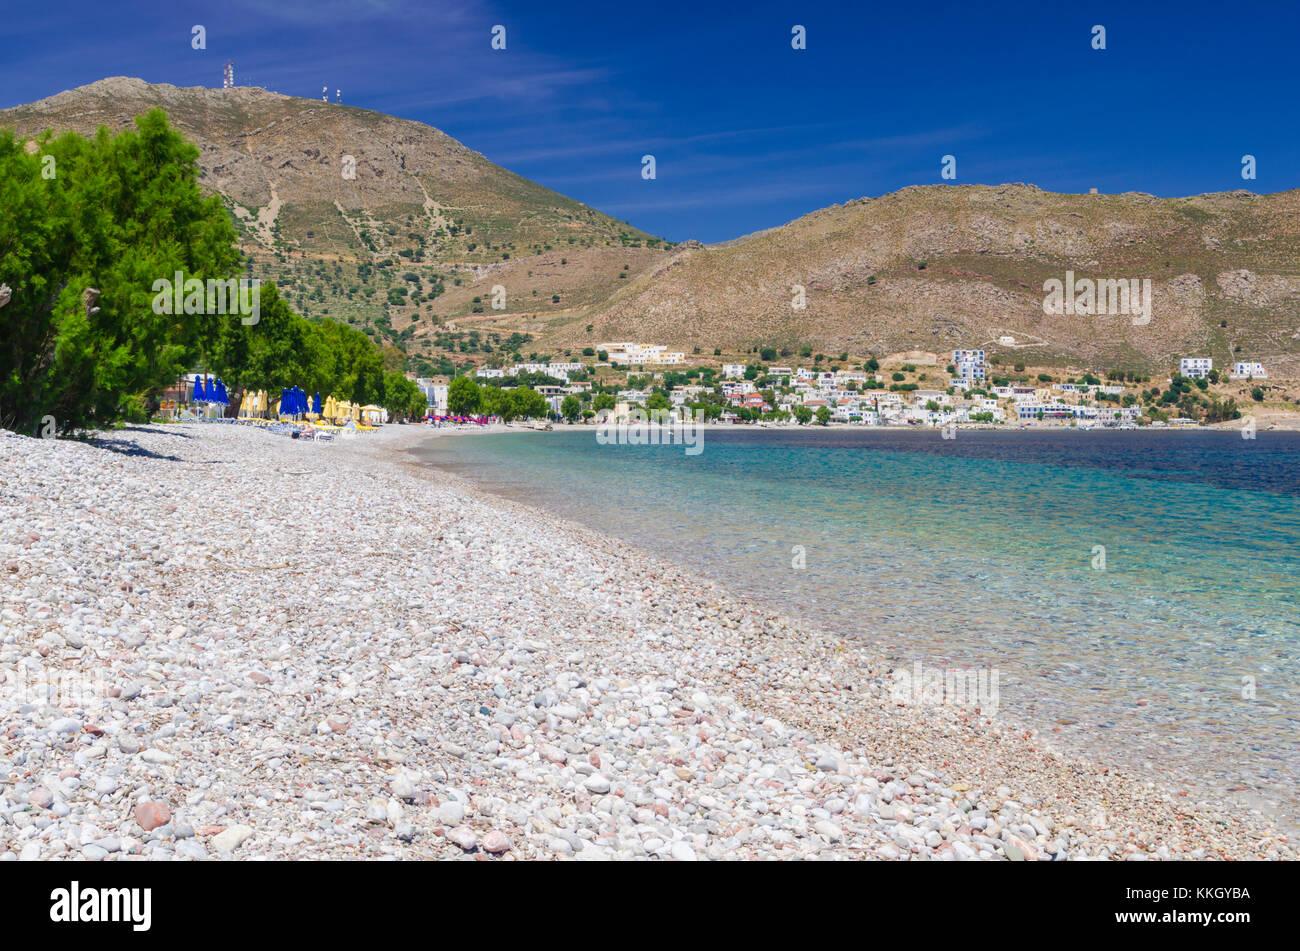 Strand scenic Der Stein Strand von Livadia tilos Island, Dodekanes, Griechenland Stockbild